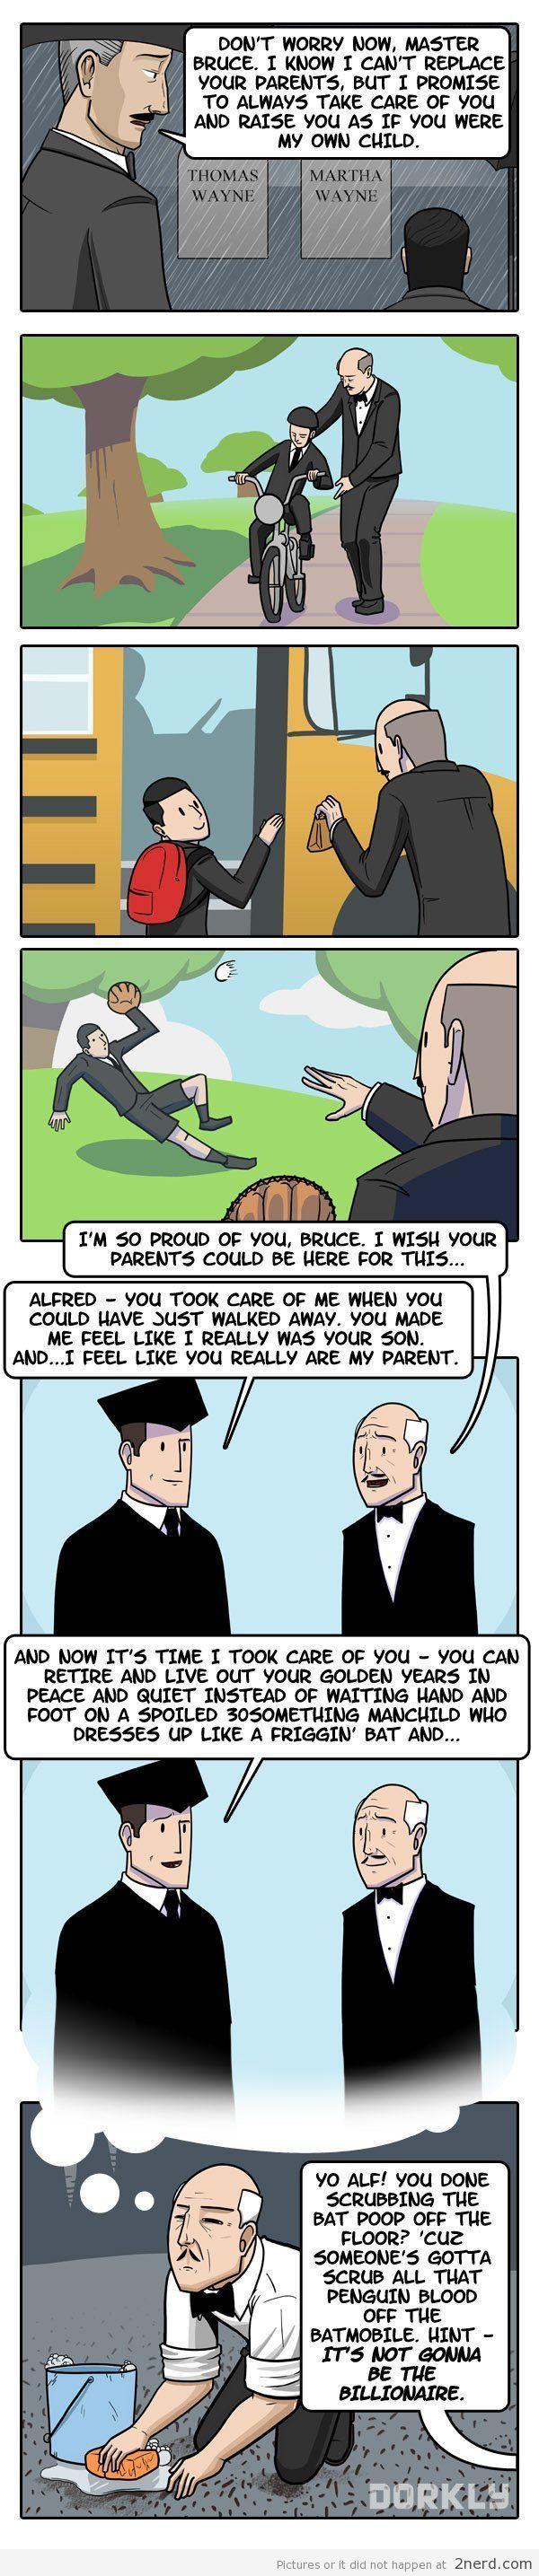 Batman and Alfred - http://2nerd.com/comics/batman-alfred/